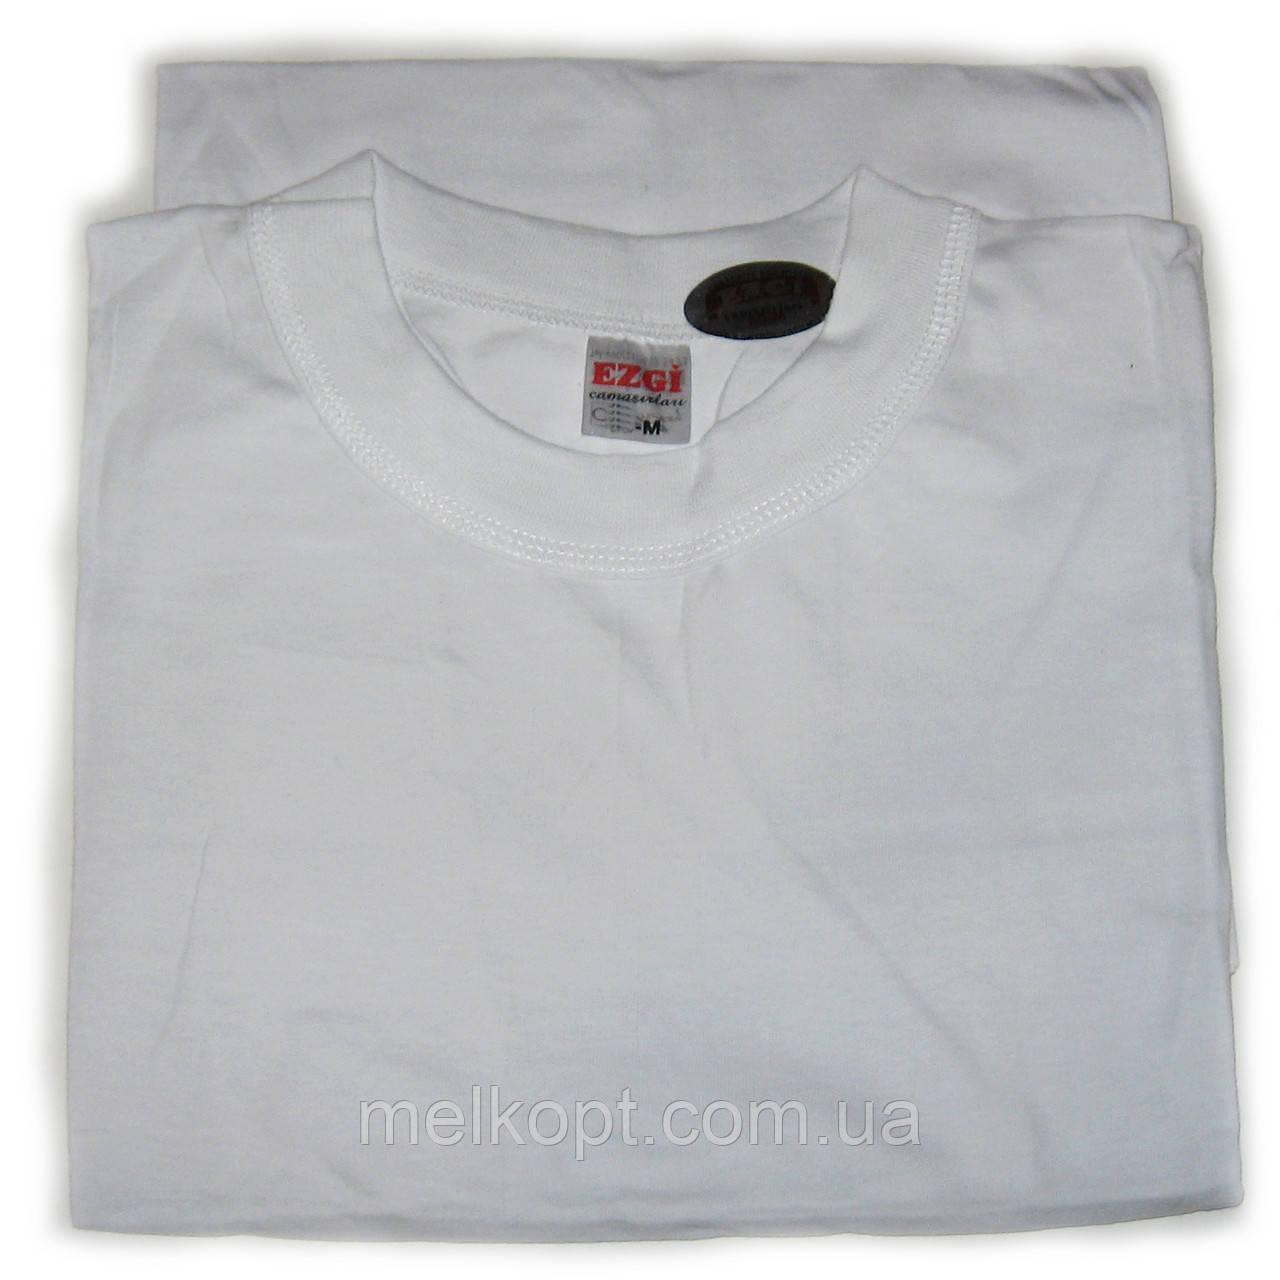 Чоловічі футболки Ezgi - 67,00 грн./шт. (70-й розмір, білі)